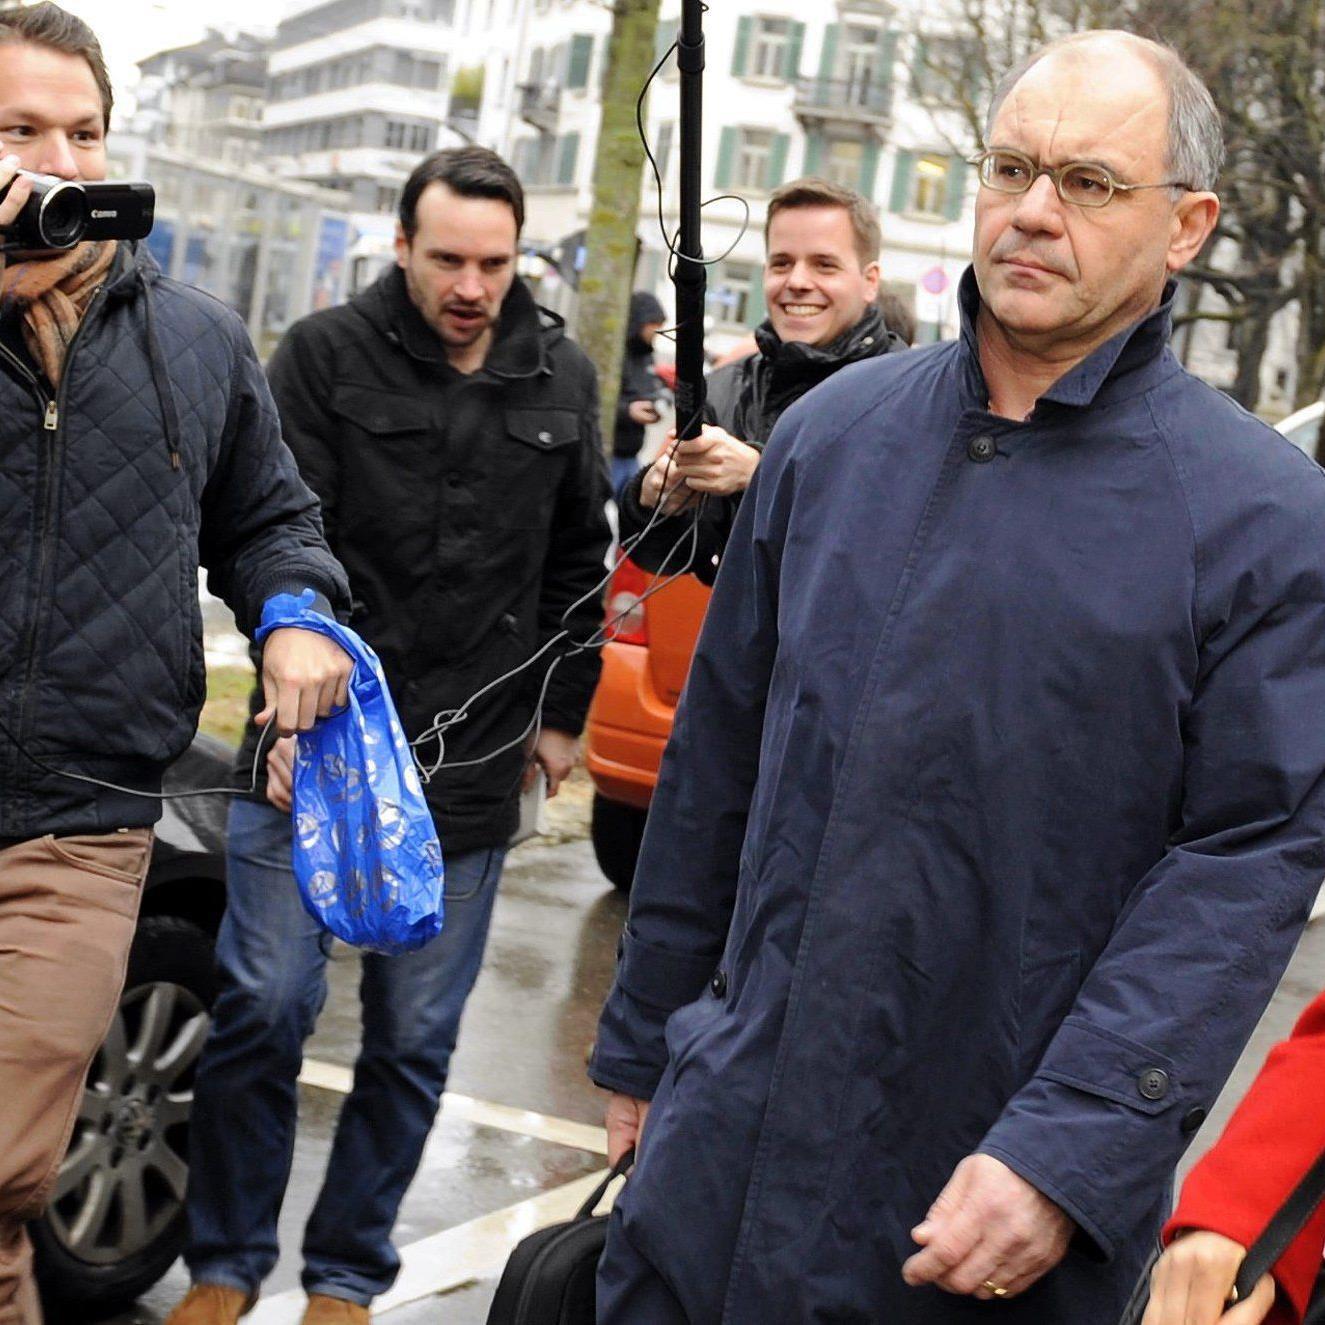 Enthüllungen über Bank Julius Bär brachten Rudolf Elmer bisher 188 Tage U-Haft ein